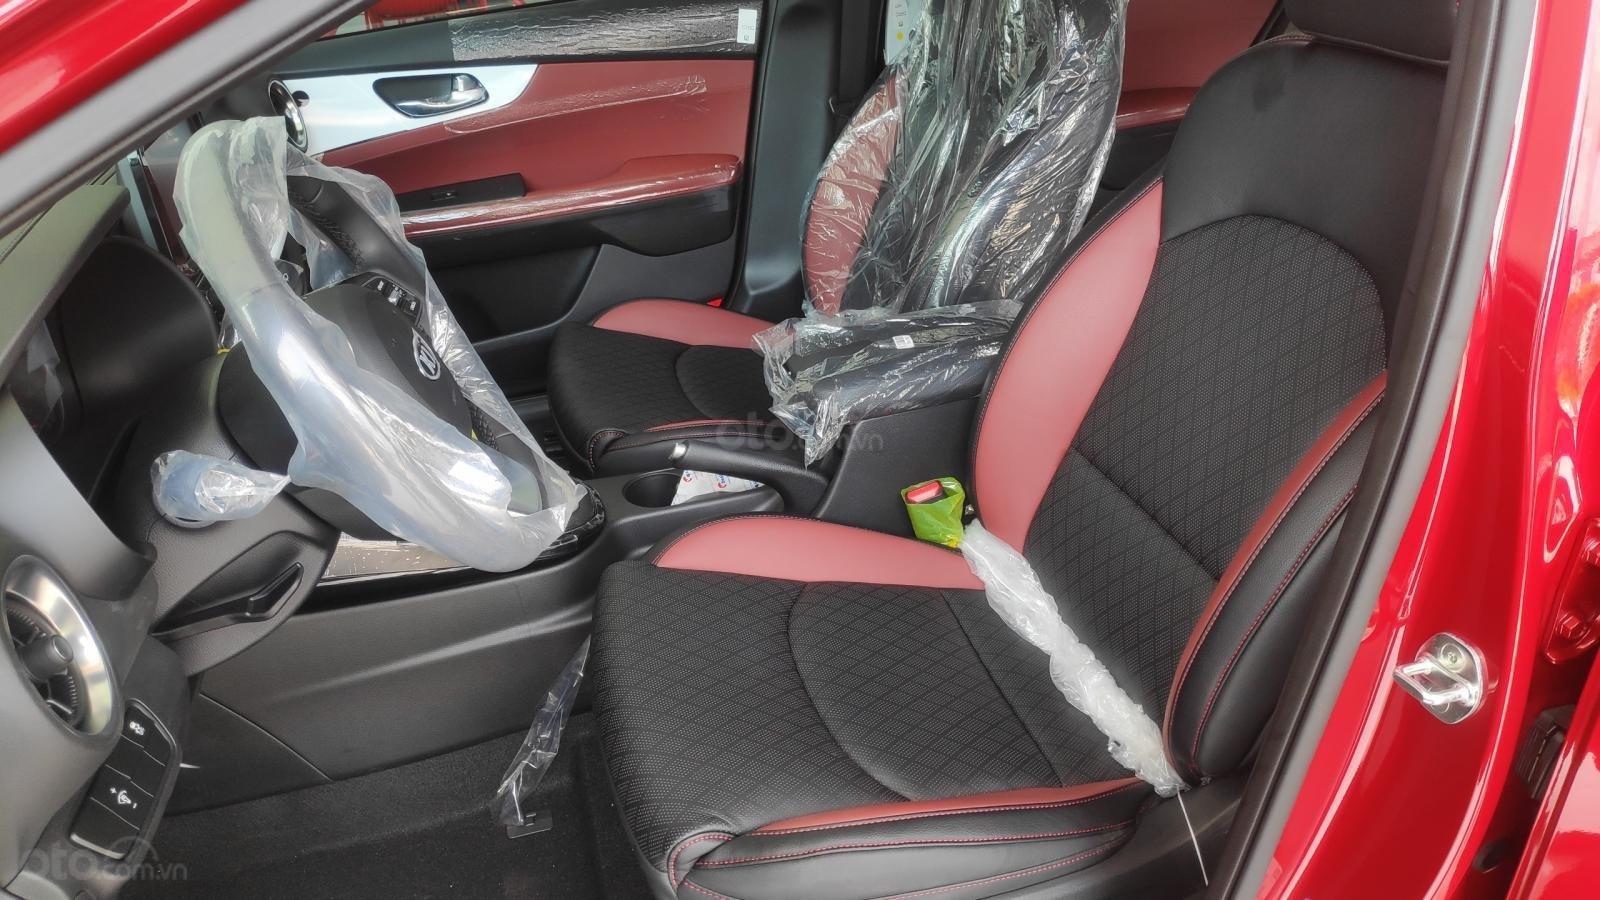 Kia Cerato Premium đặc biệt - giảm giá tiền mặt + tặng bảo hiểm xe + phụ kiện - liên hệ PKD Kia Thảo Điền 0961.563.593 (10)